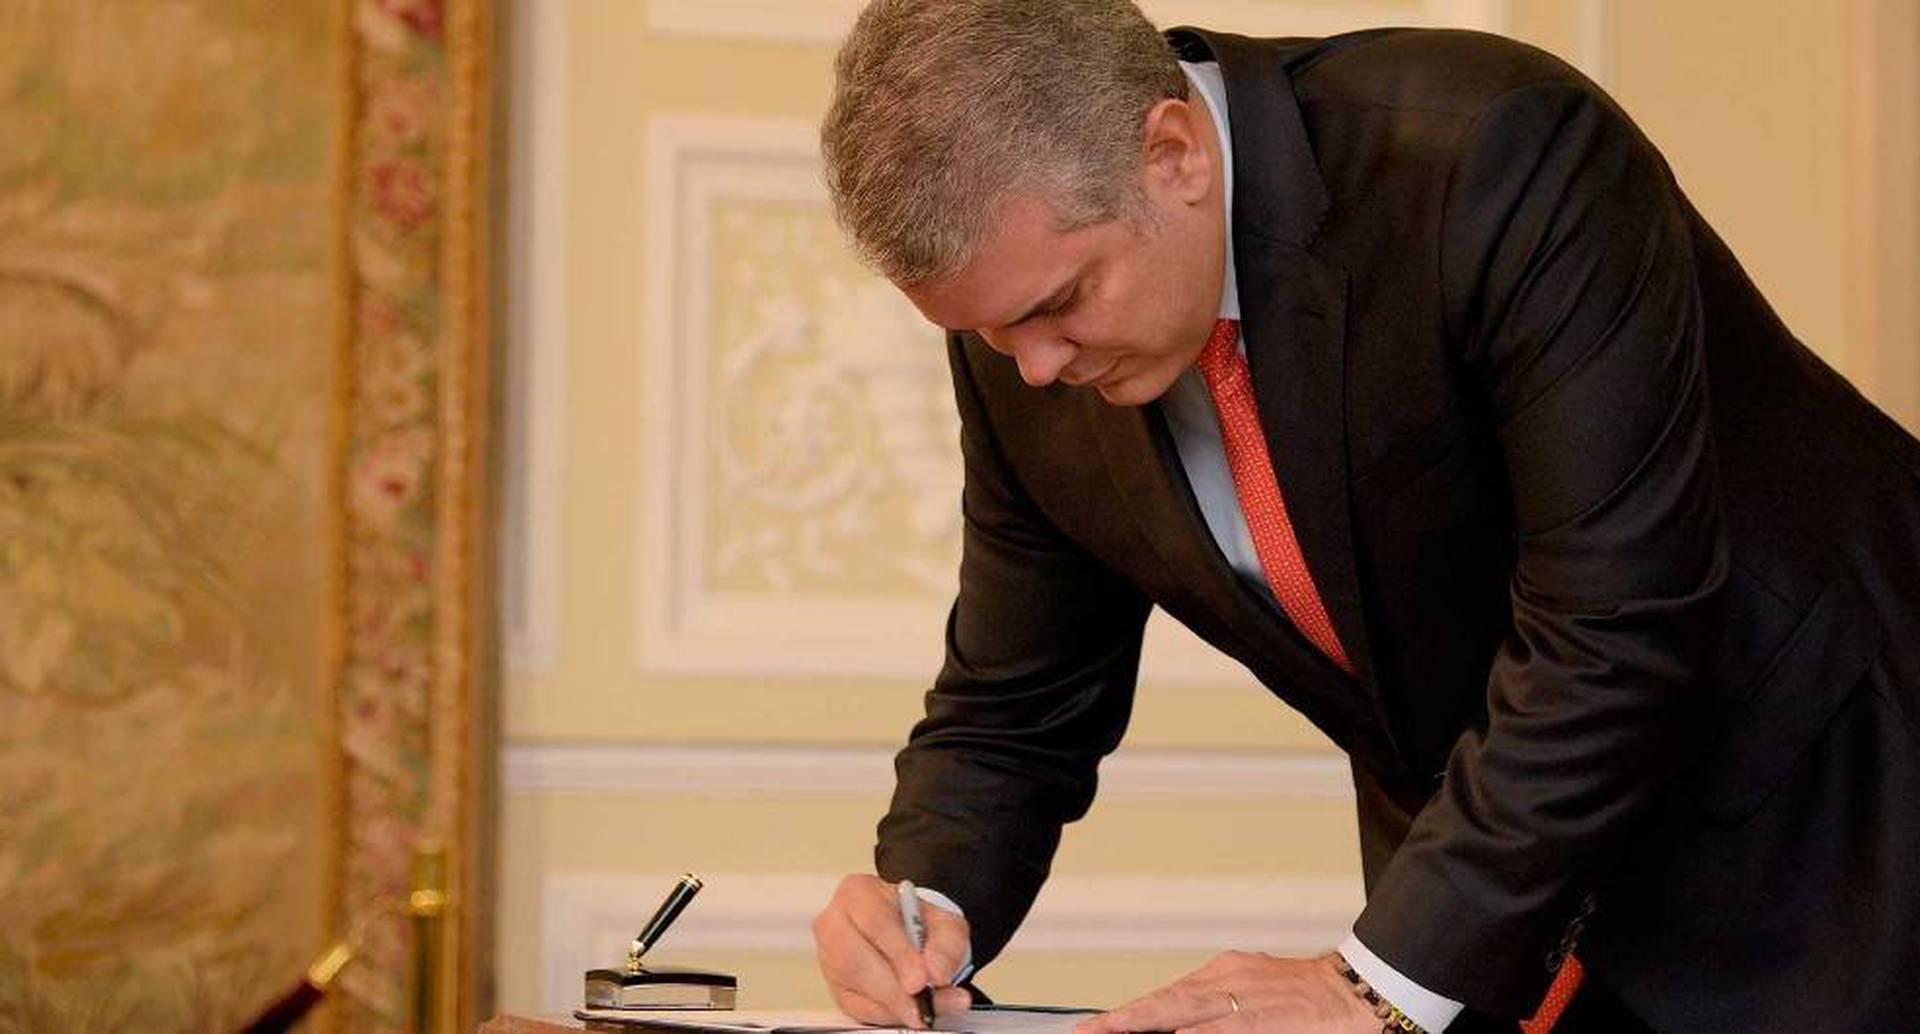 El presidente Duque firmó este martes leyes relacionadas con la juventud y la niñez.